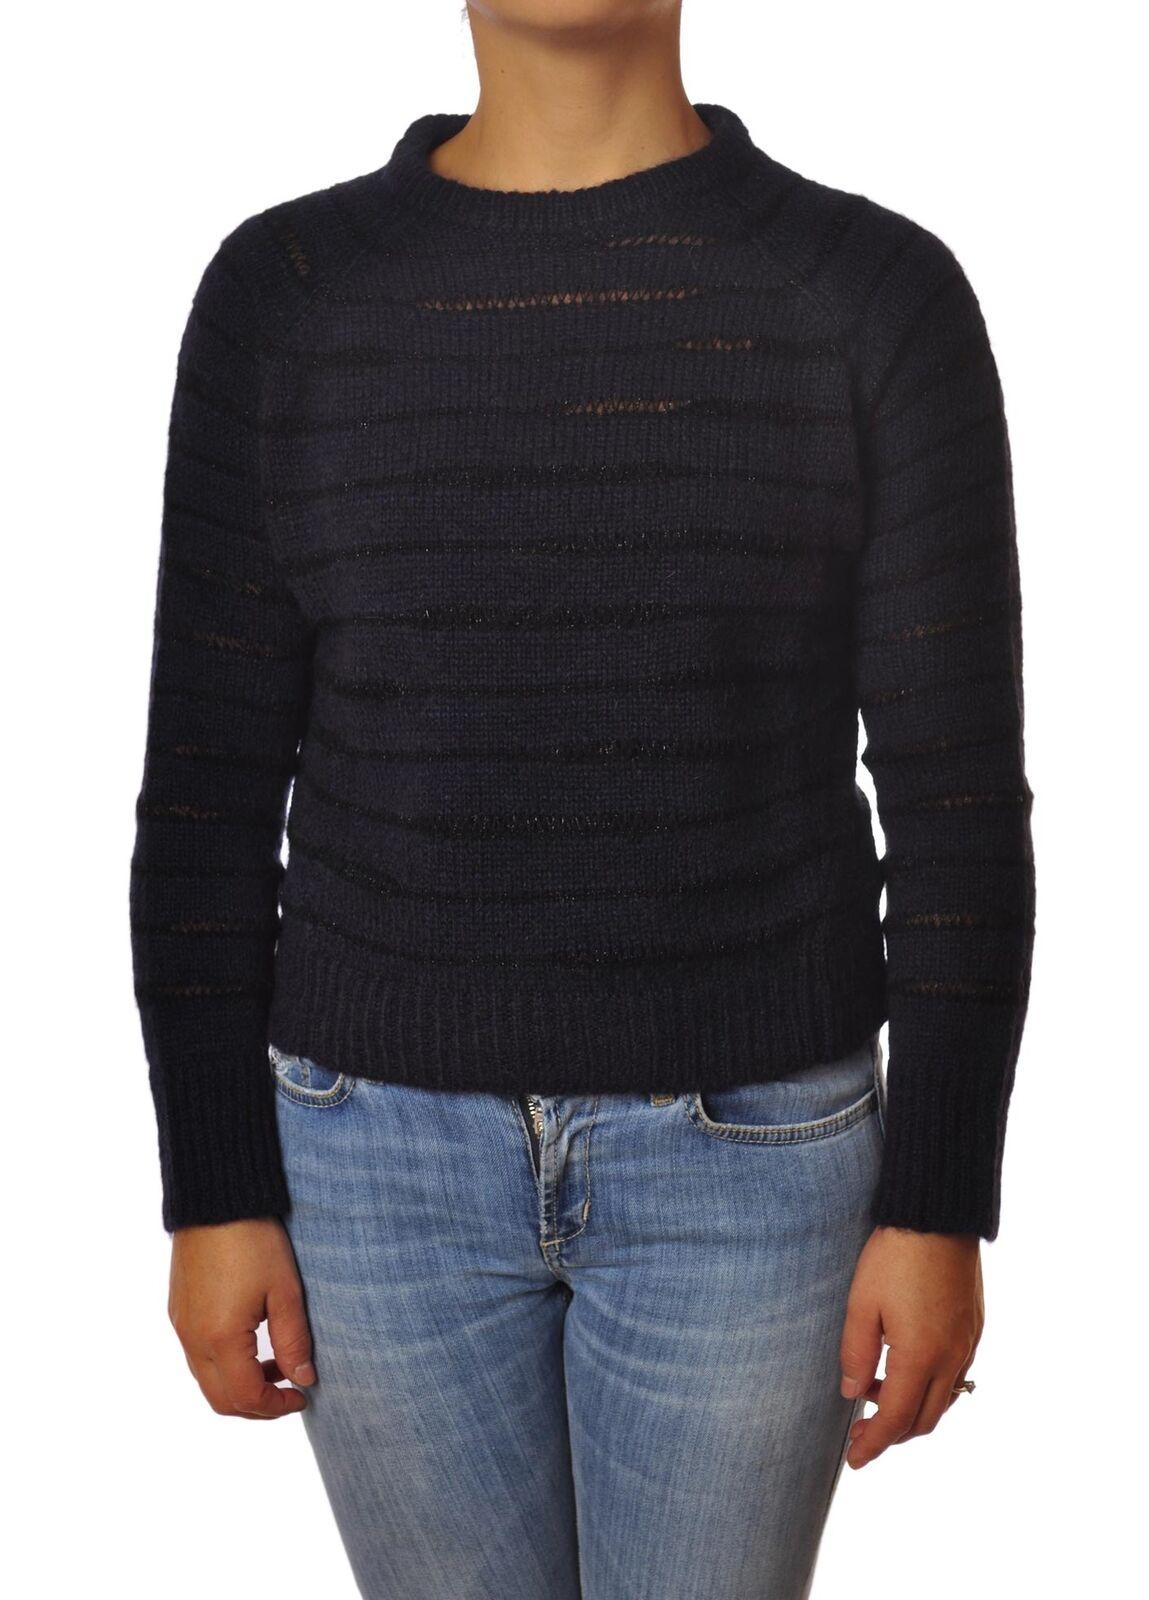 8pm - Knitwear-Sweaters - Woman - Blau - 4283806C194654